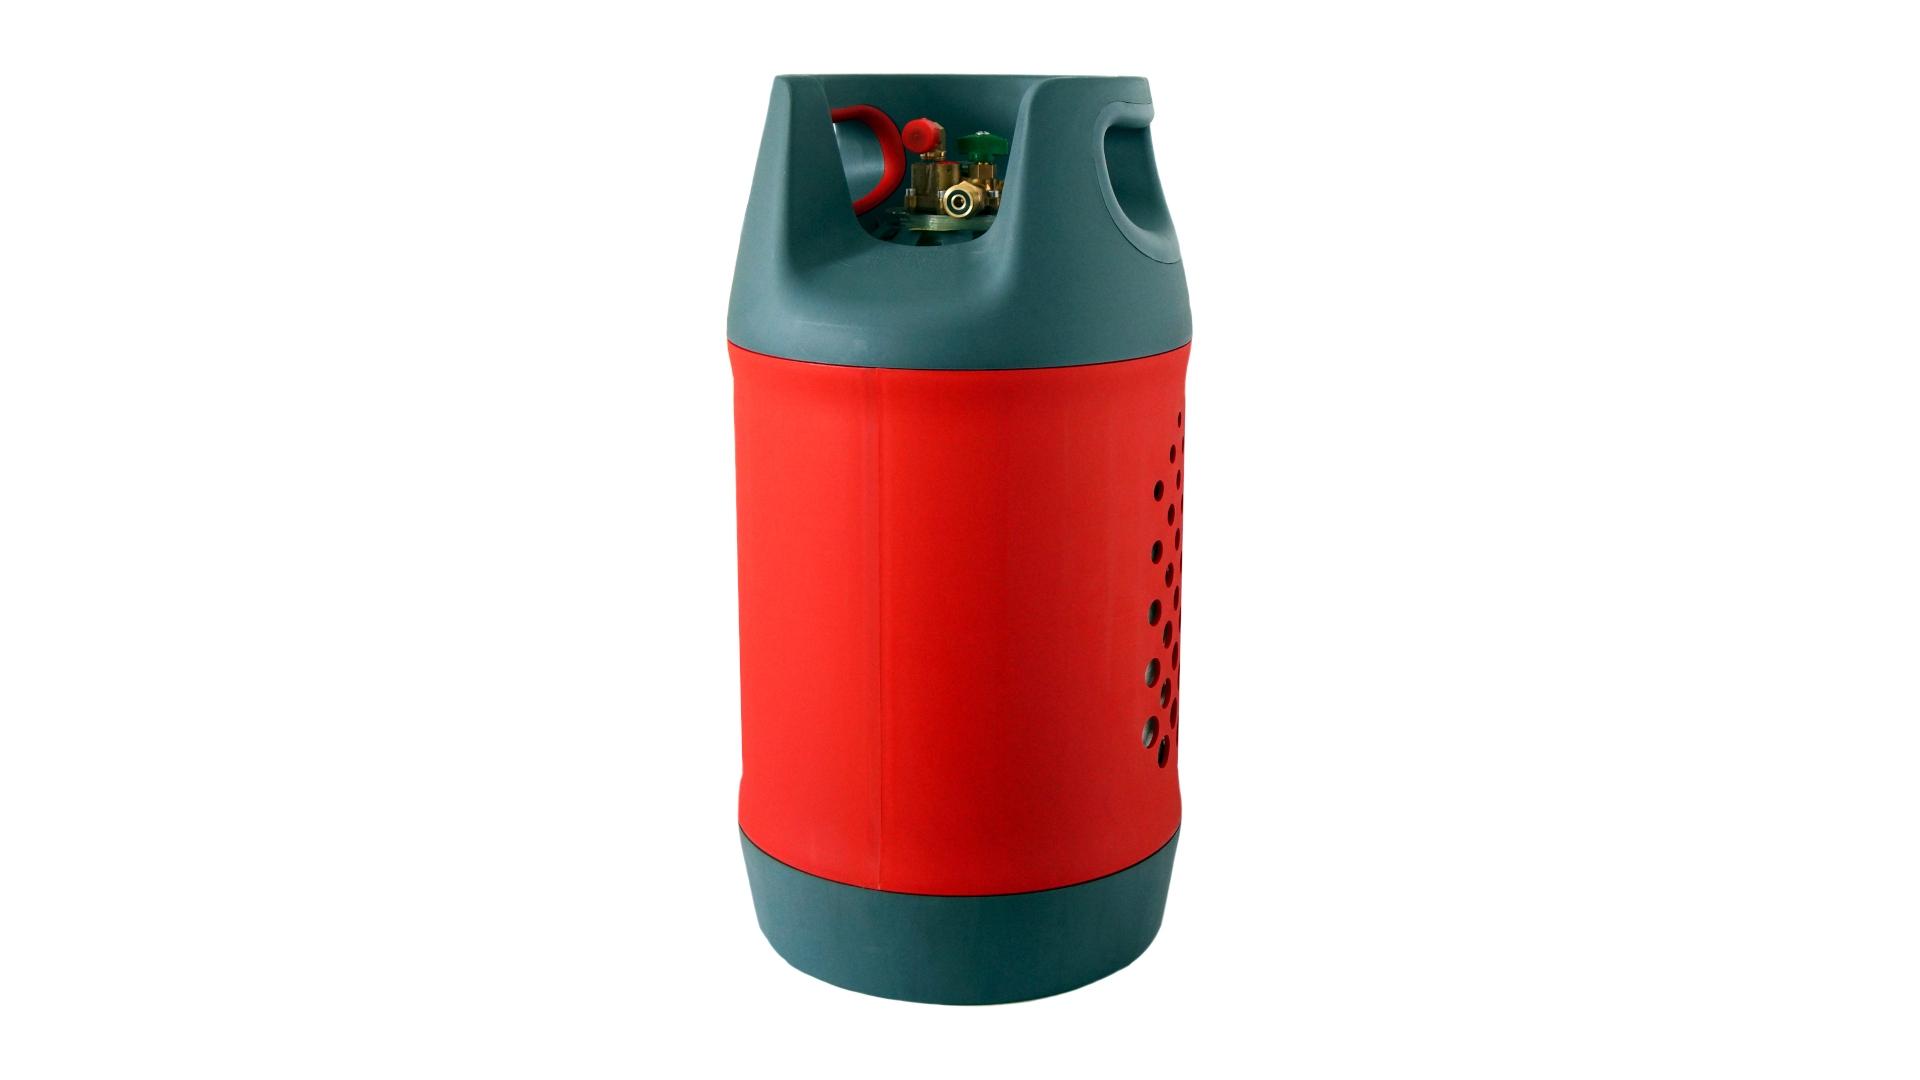 Komposit Tankflasche 24,5 Liter mit 80% Füllstop 1 (1920x1080)